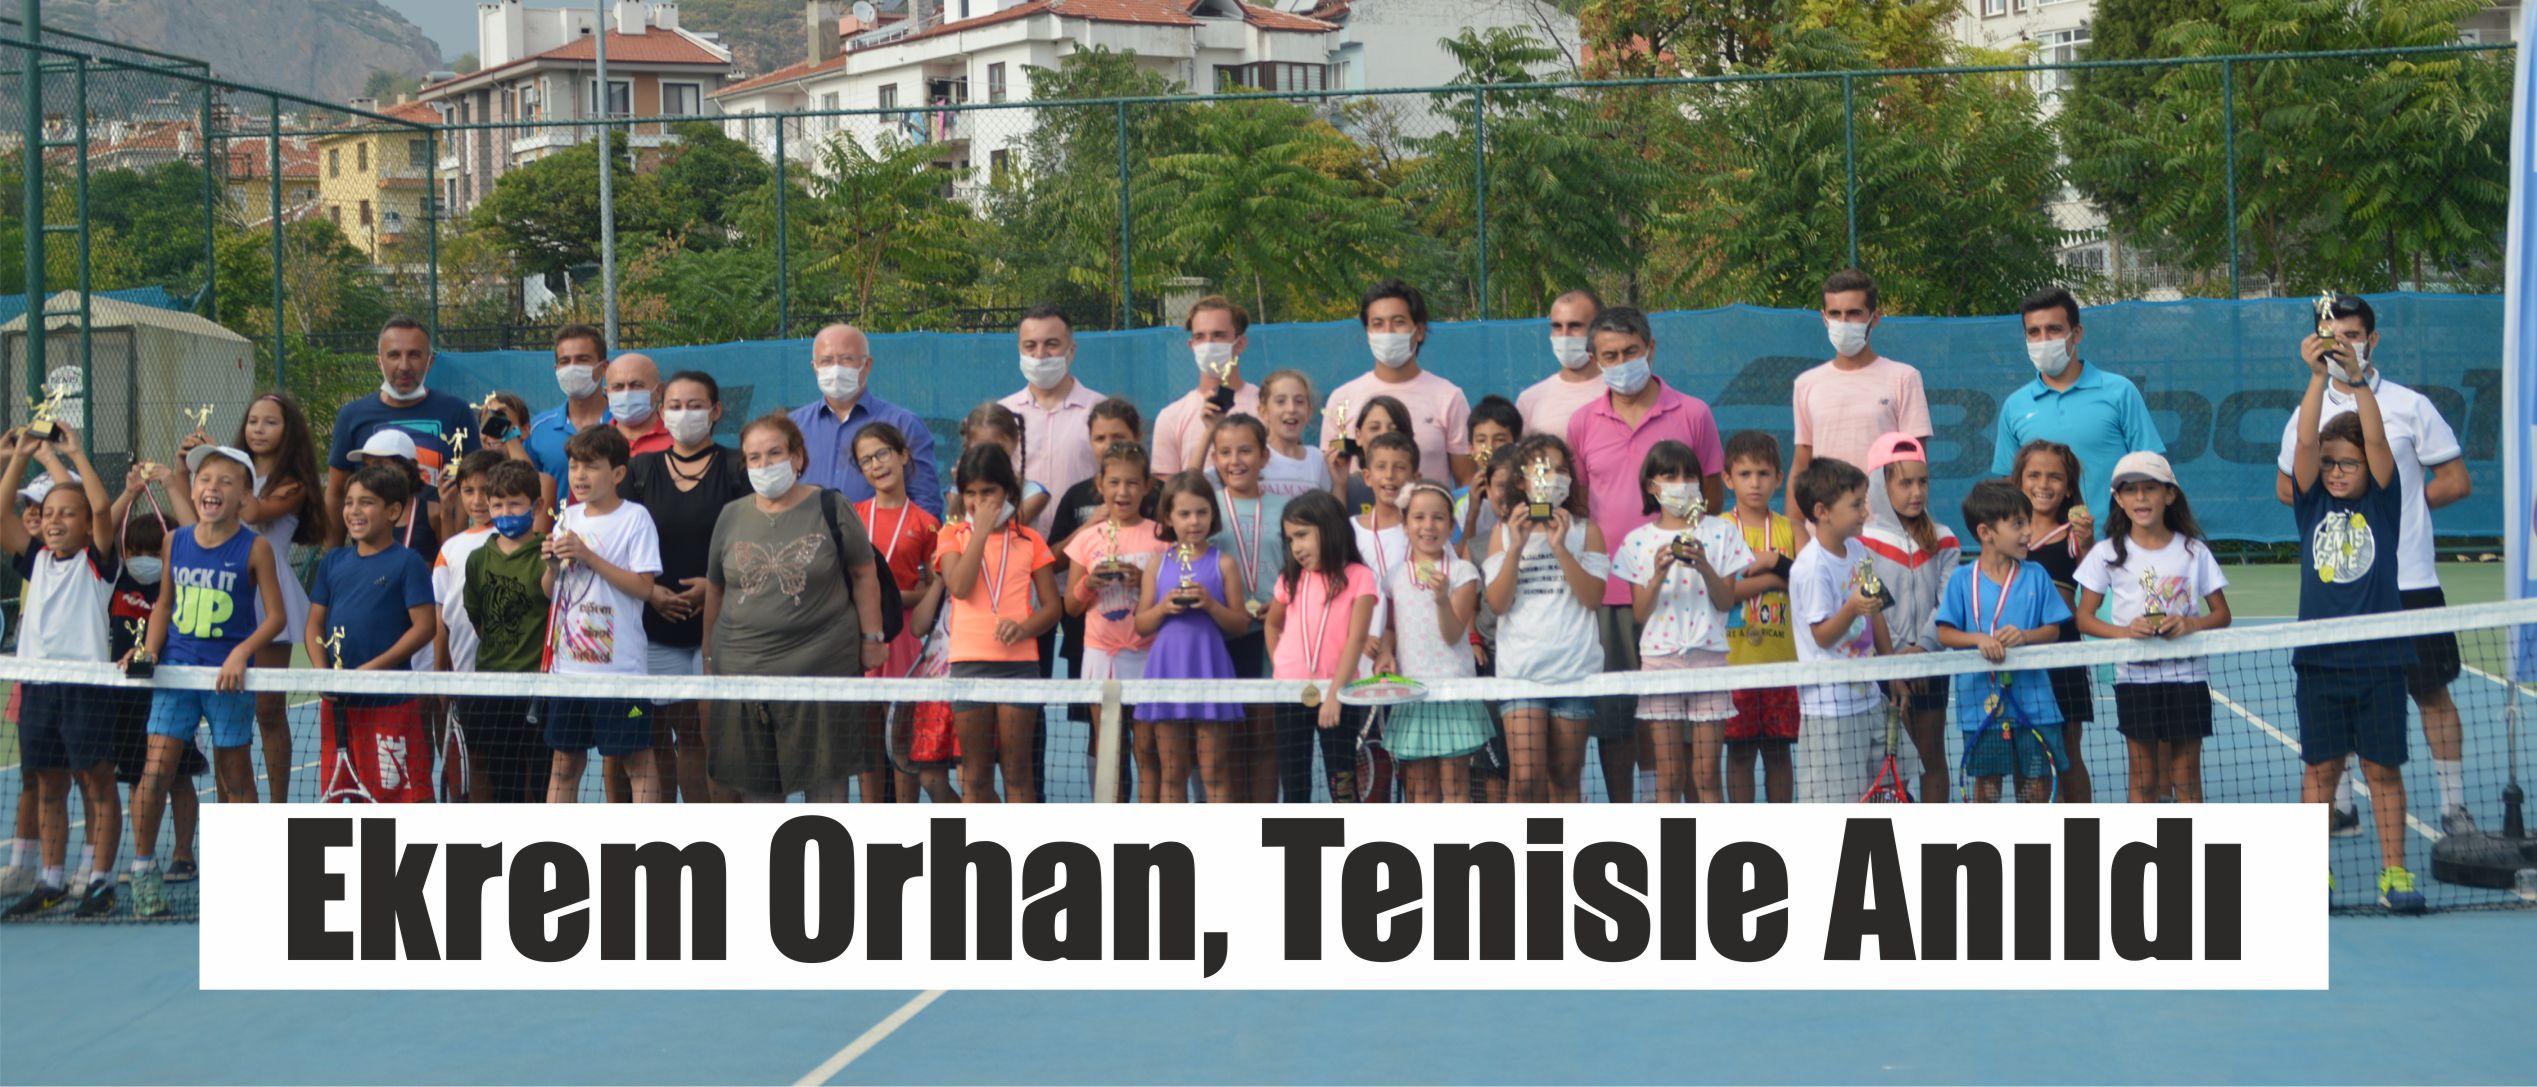 Ekrem Orhan, Tenisle Anıldı